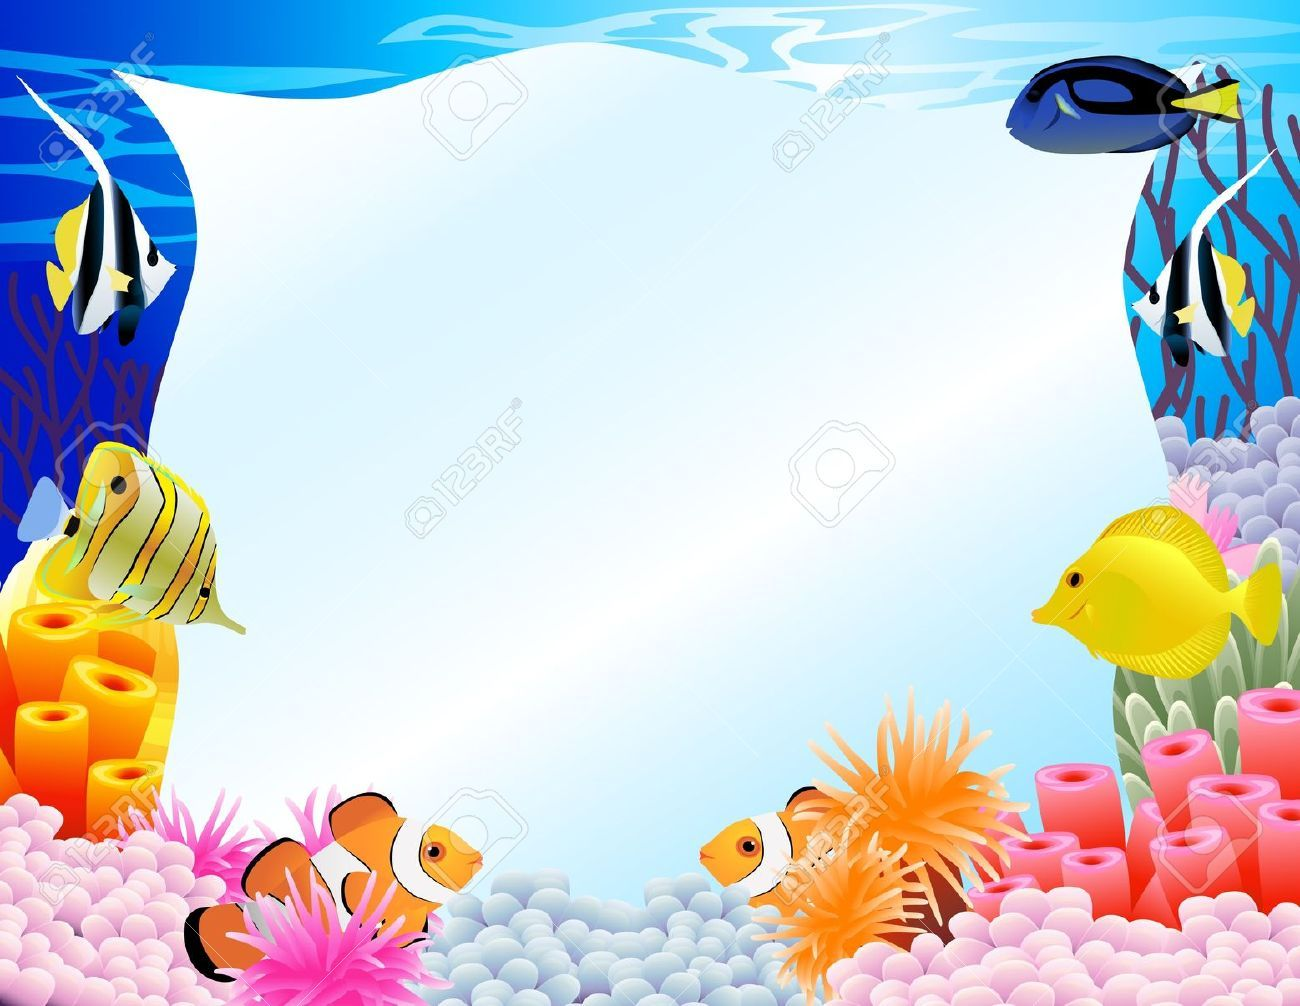 7 139 Under The Sea Stock Sea Clipart Under The Sea Clipart Clip Art